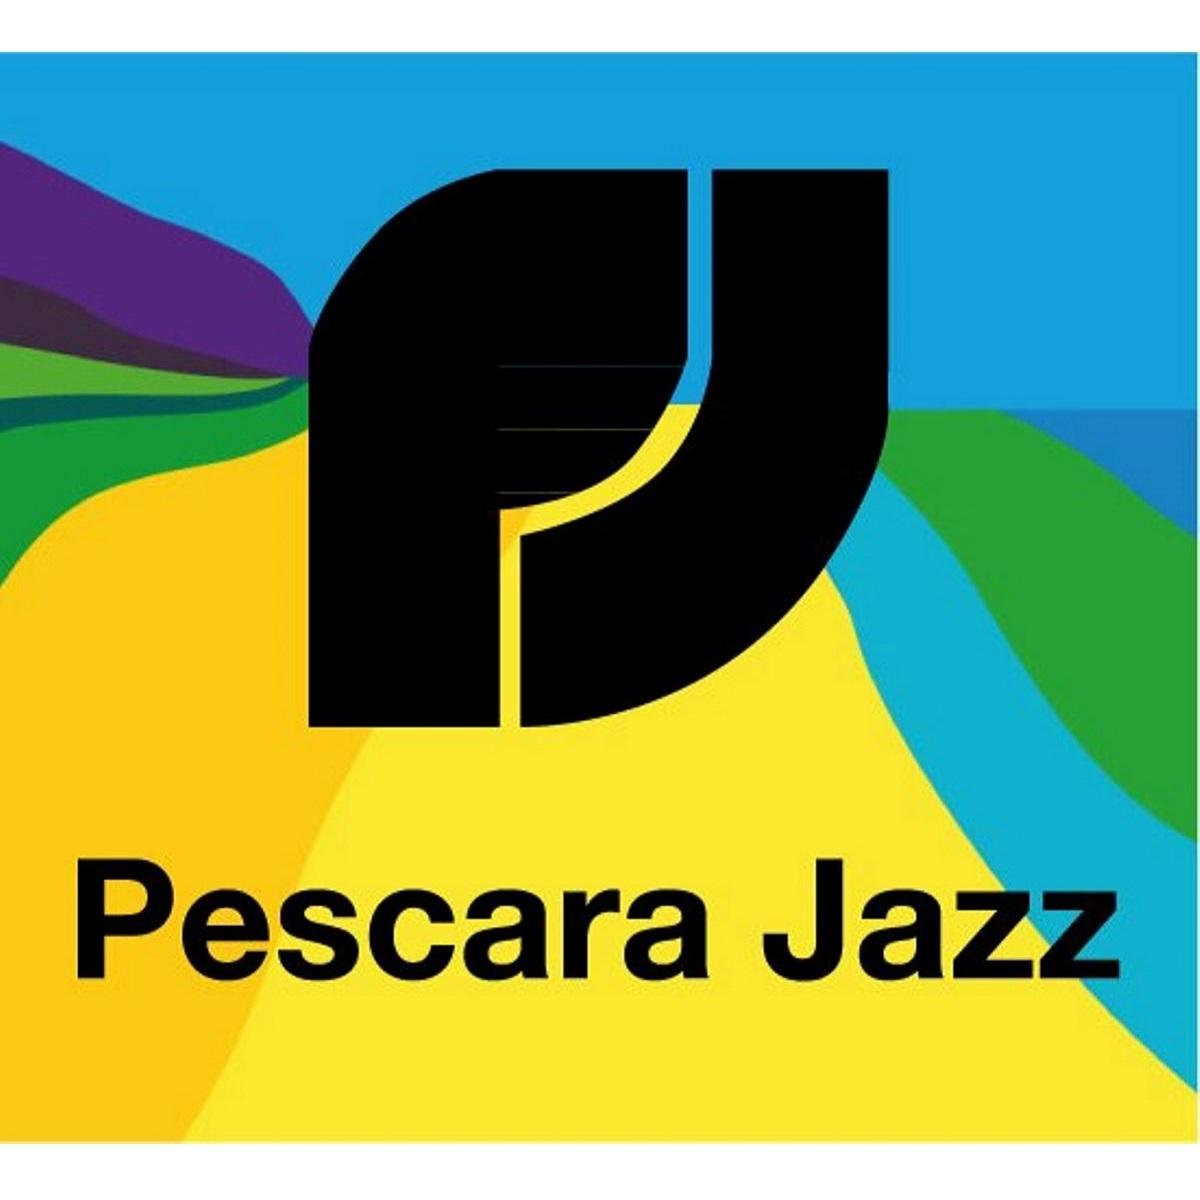 Pescara Jazz pubblica video degli F-Army su Youtube foto